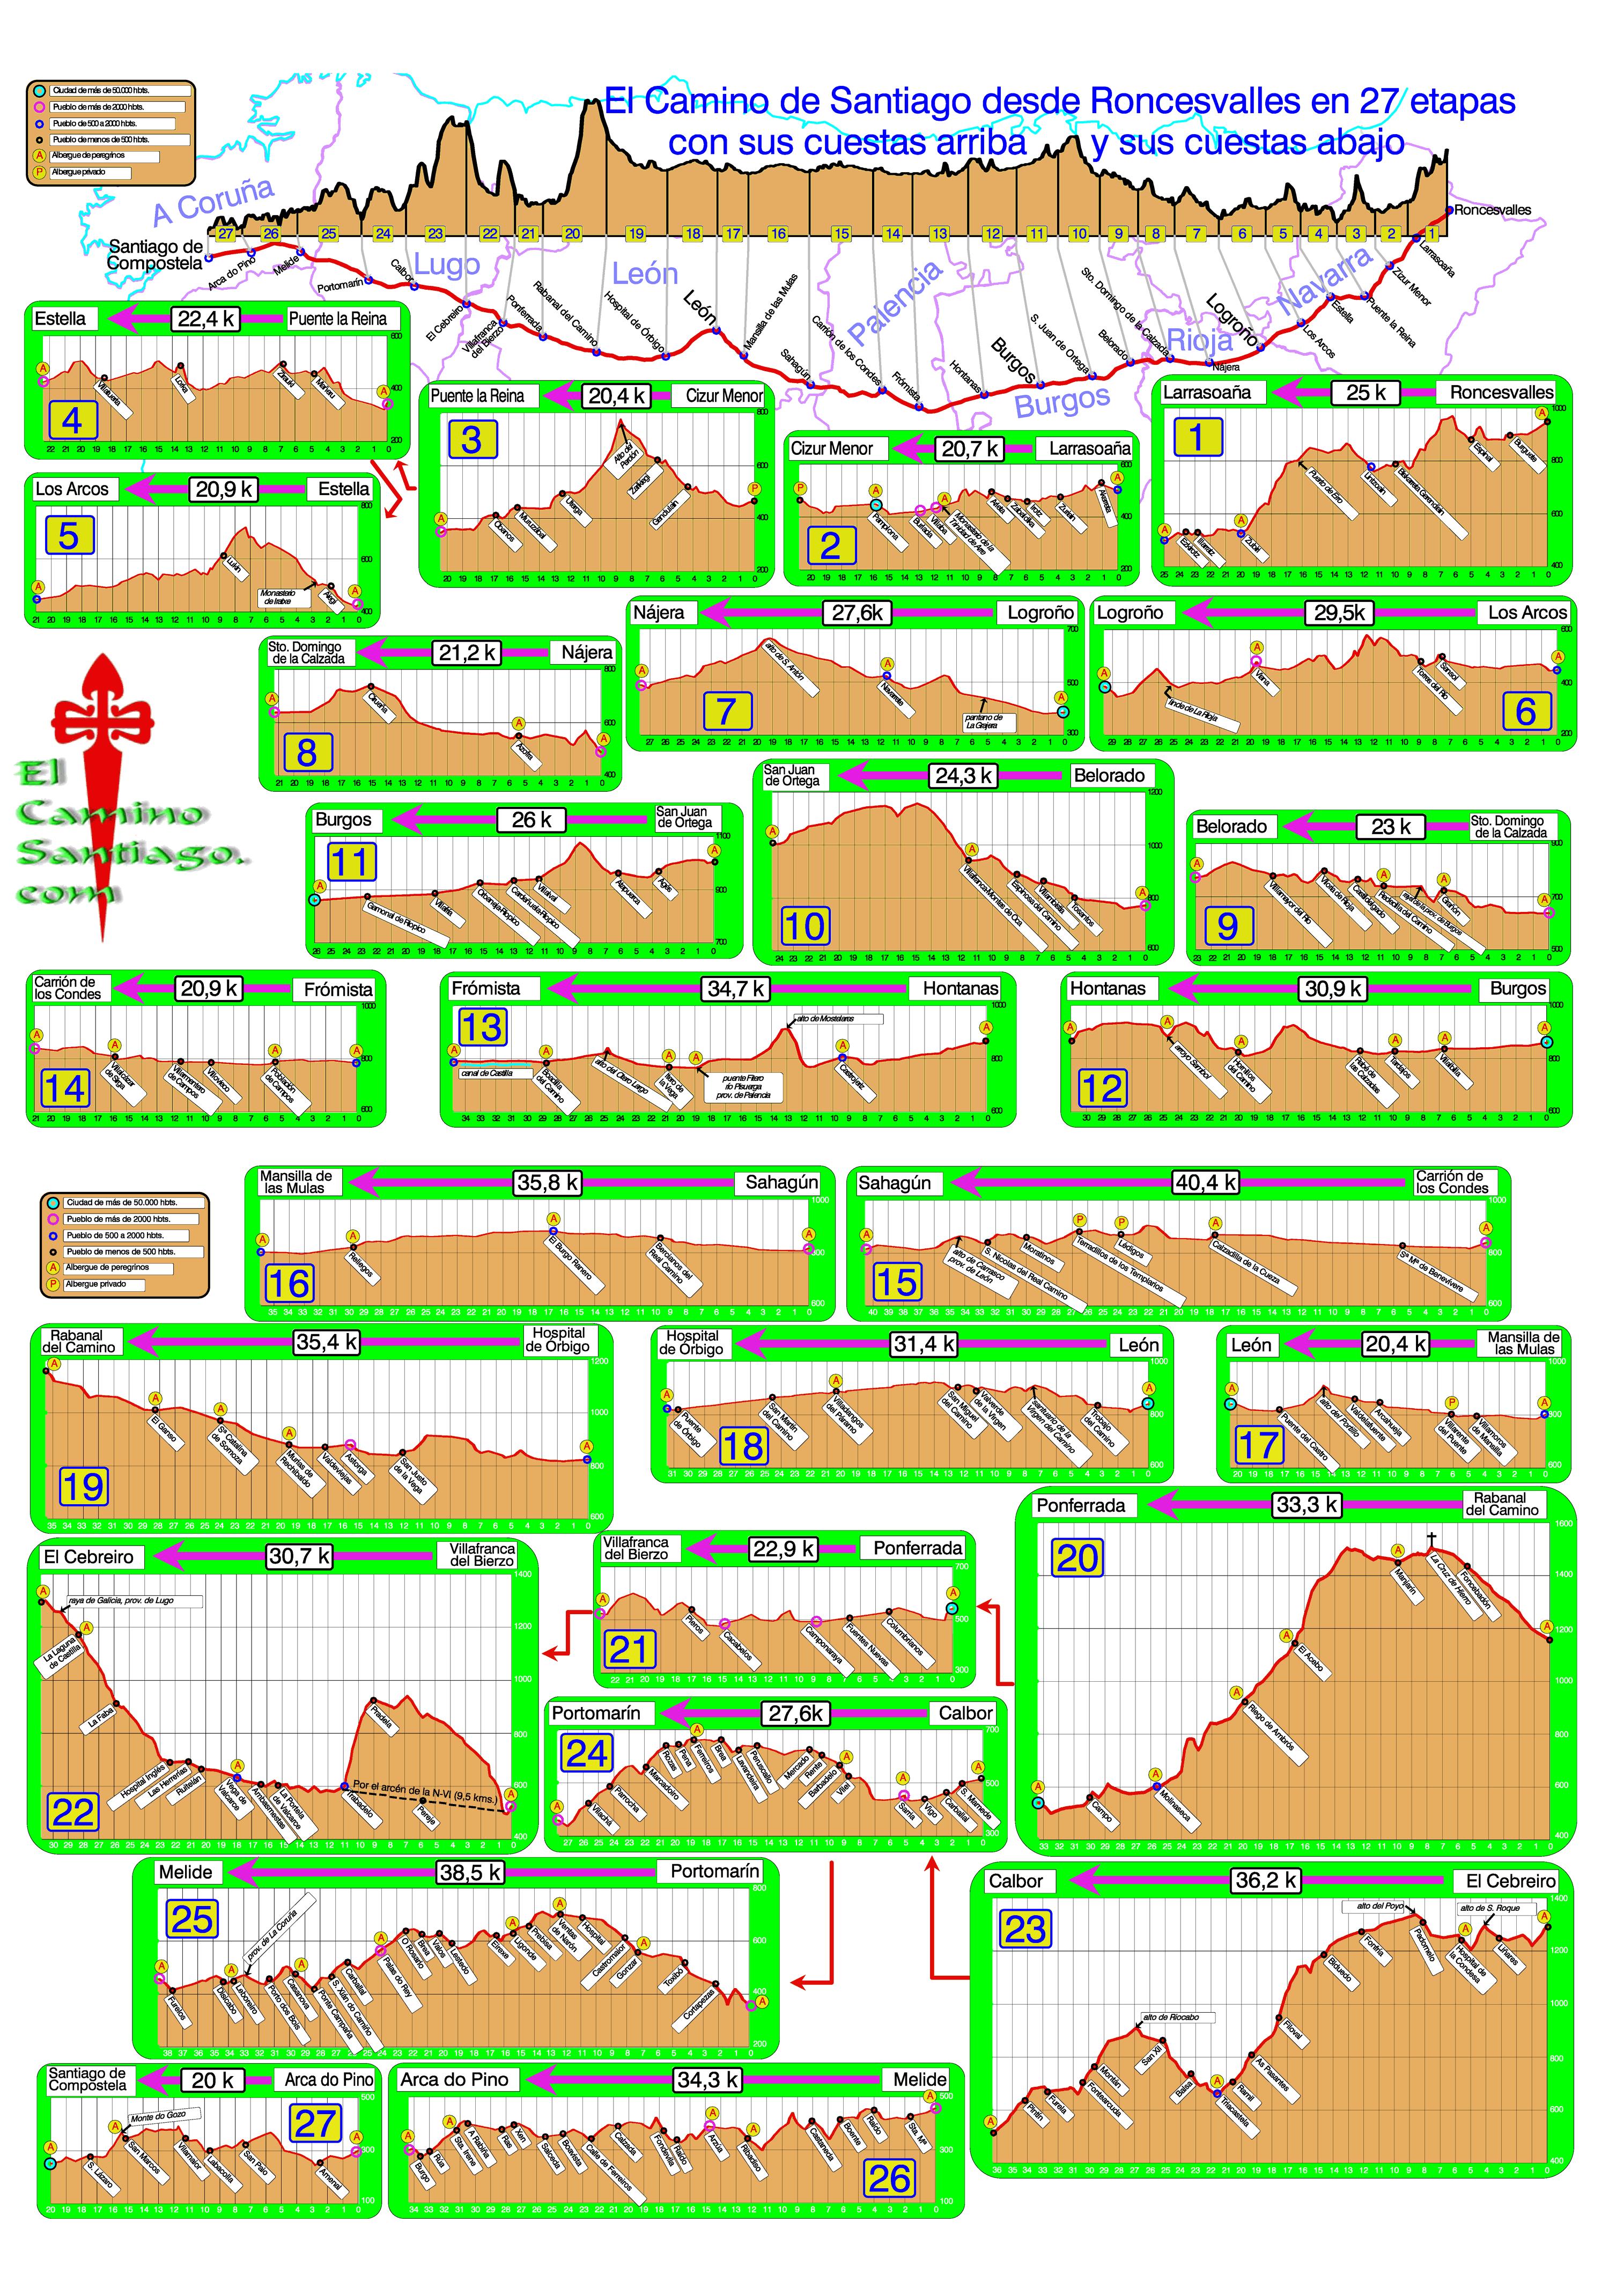 cd1796ef5613 Image detail for -El Camino Santiago - Elevation Profiles for El Camino  Francés in 27 .